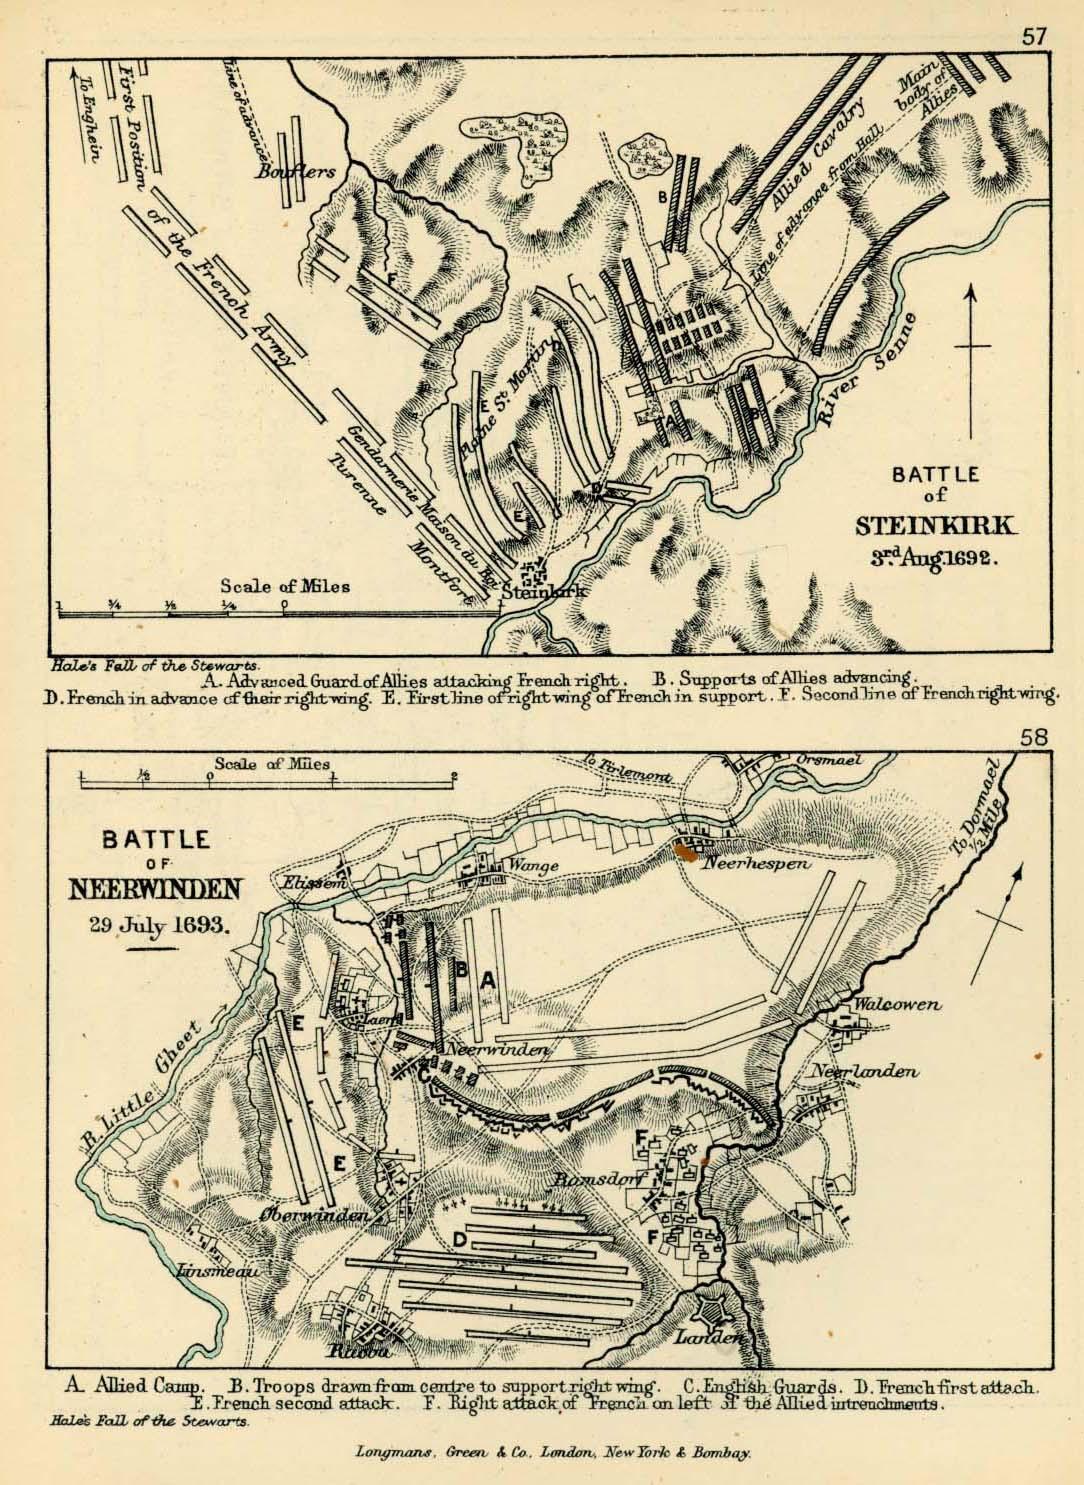 Batallas de Steenkerque y Neerwinden 1692 - 1693